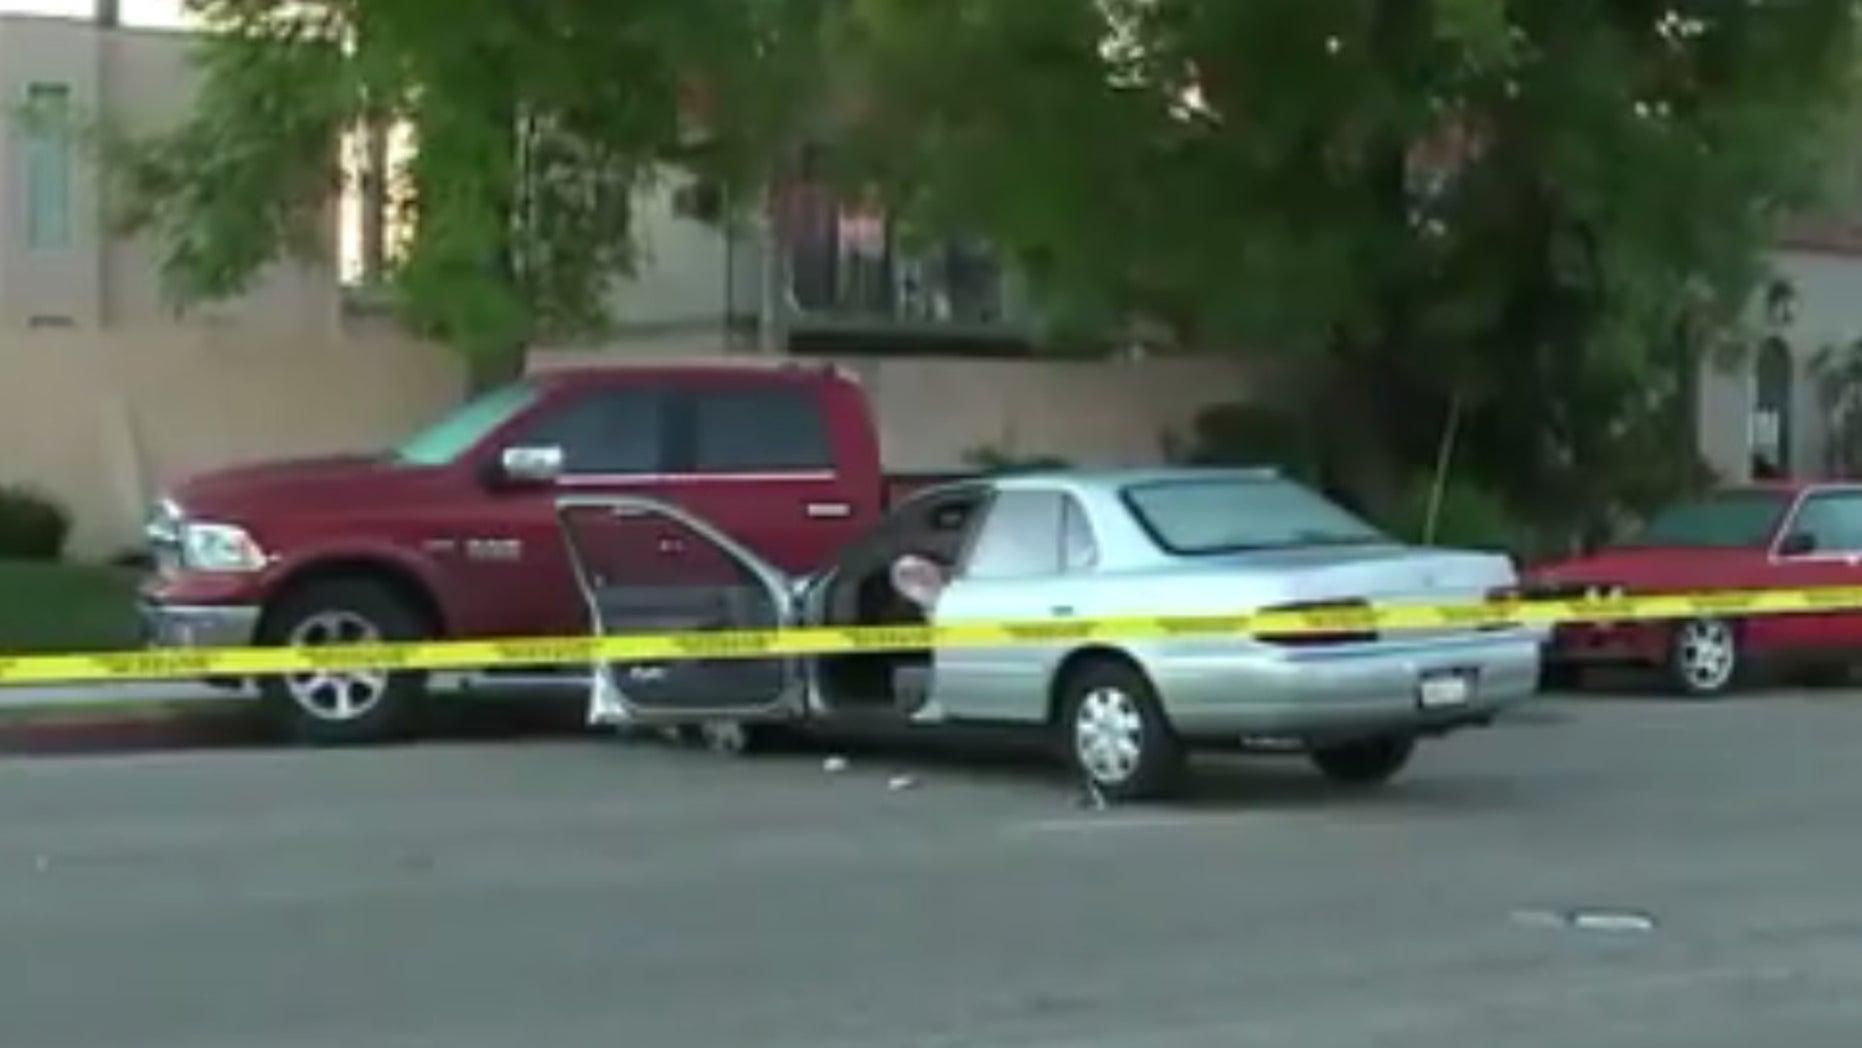 The scene of the gunfire in Escondido.